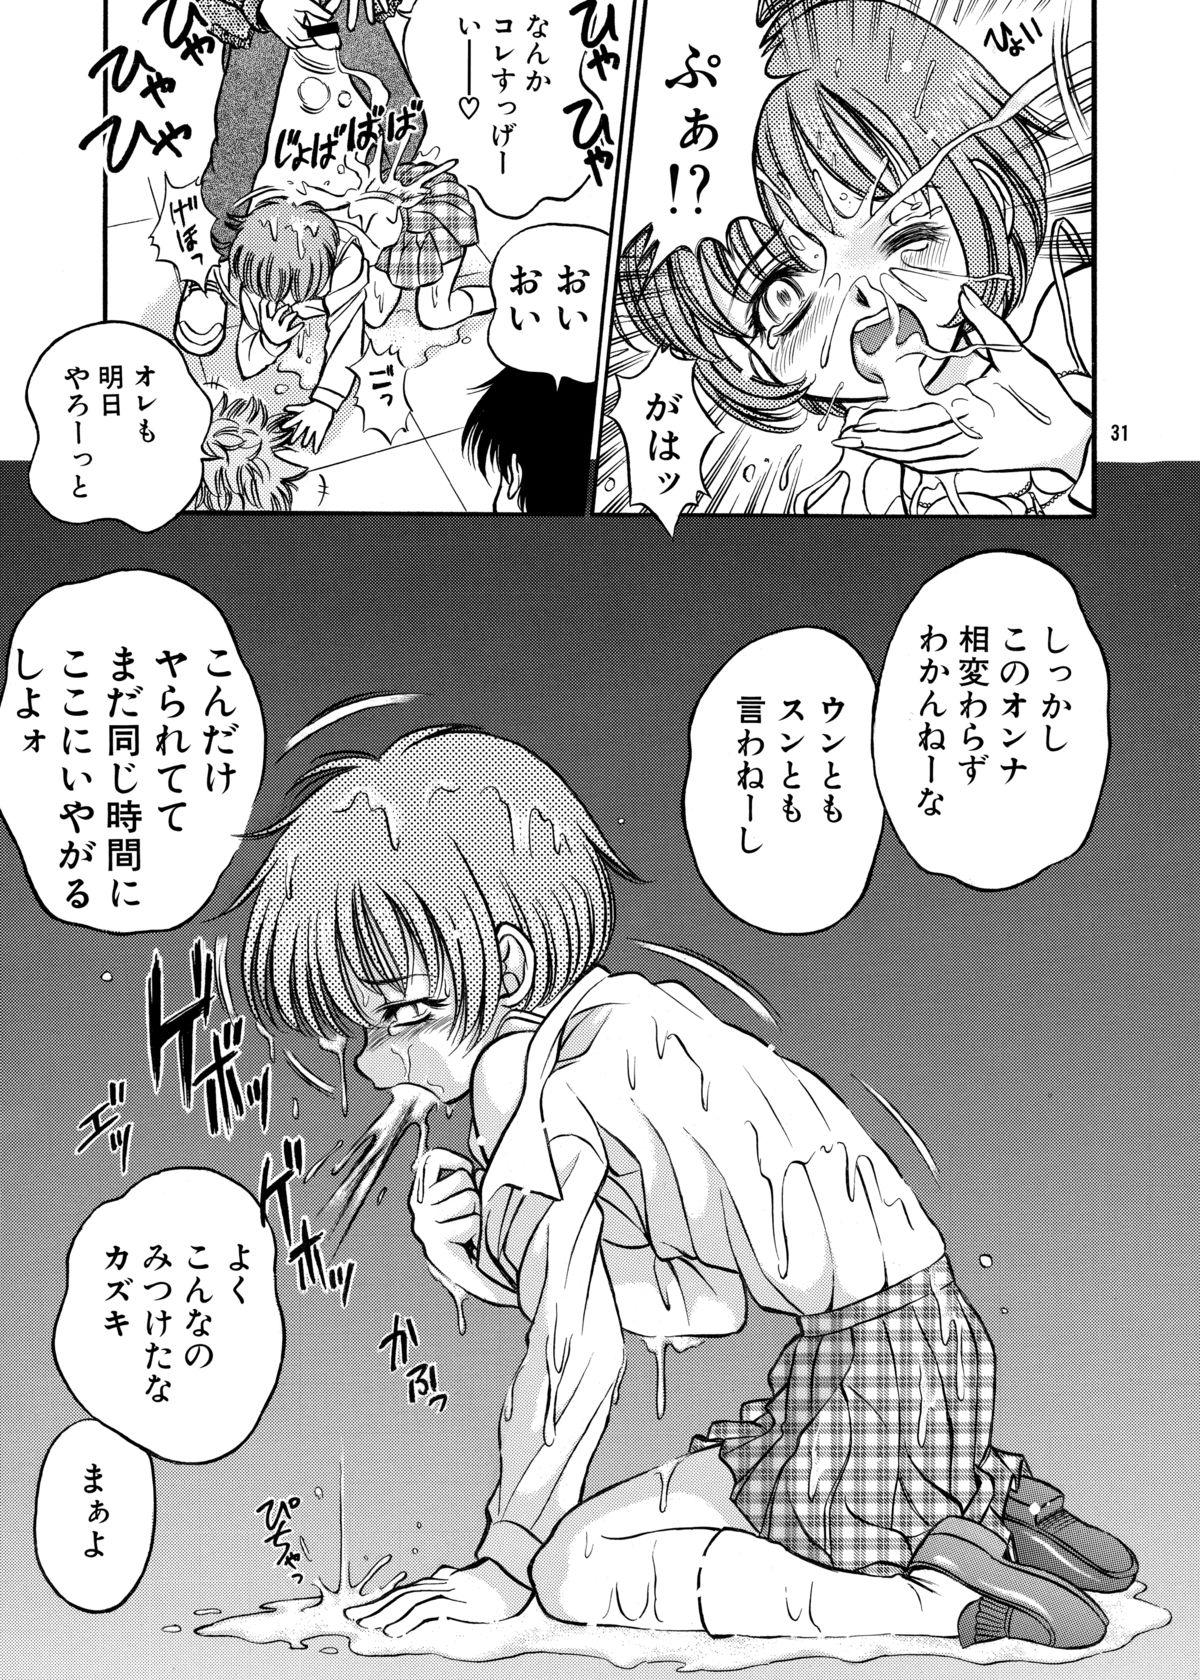 ココロノママニ 厩戸王子商業作品再録本 29